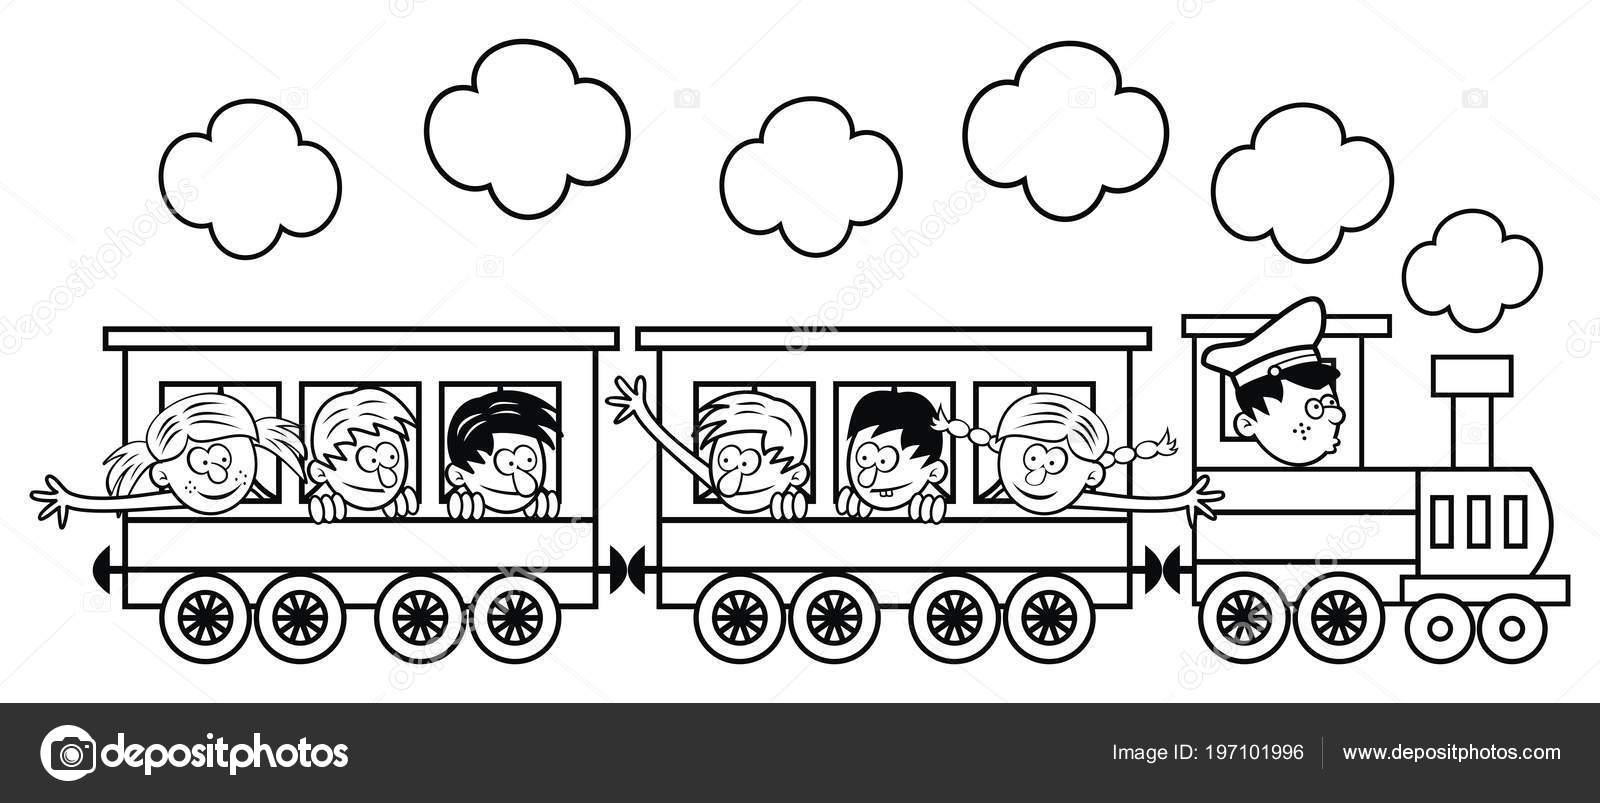 Tren çocuklu Bir Yolculuğa çıkıyor Vektör çizim Boyama Sayfası